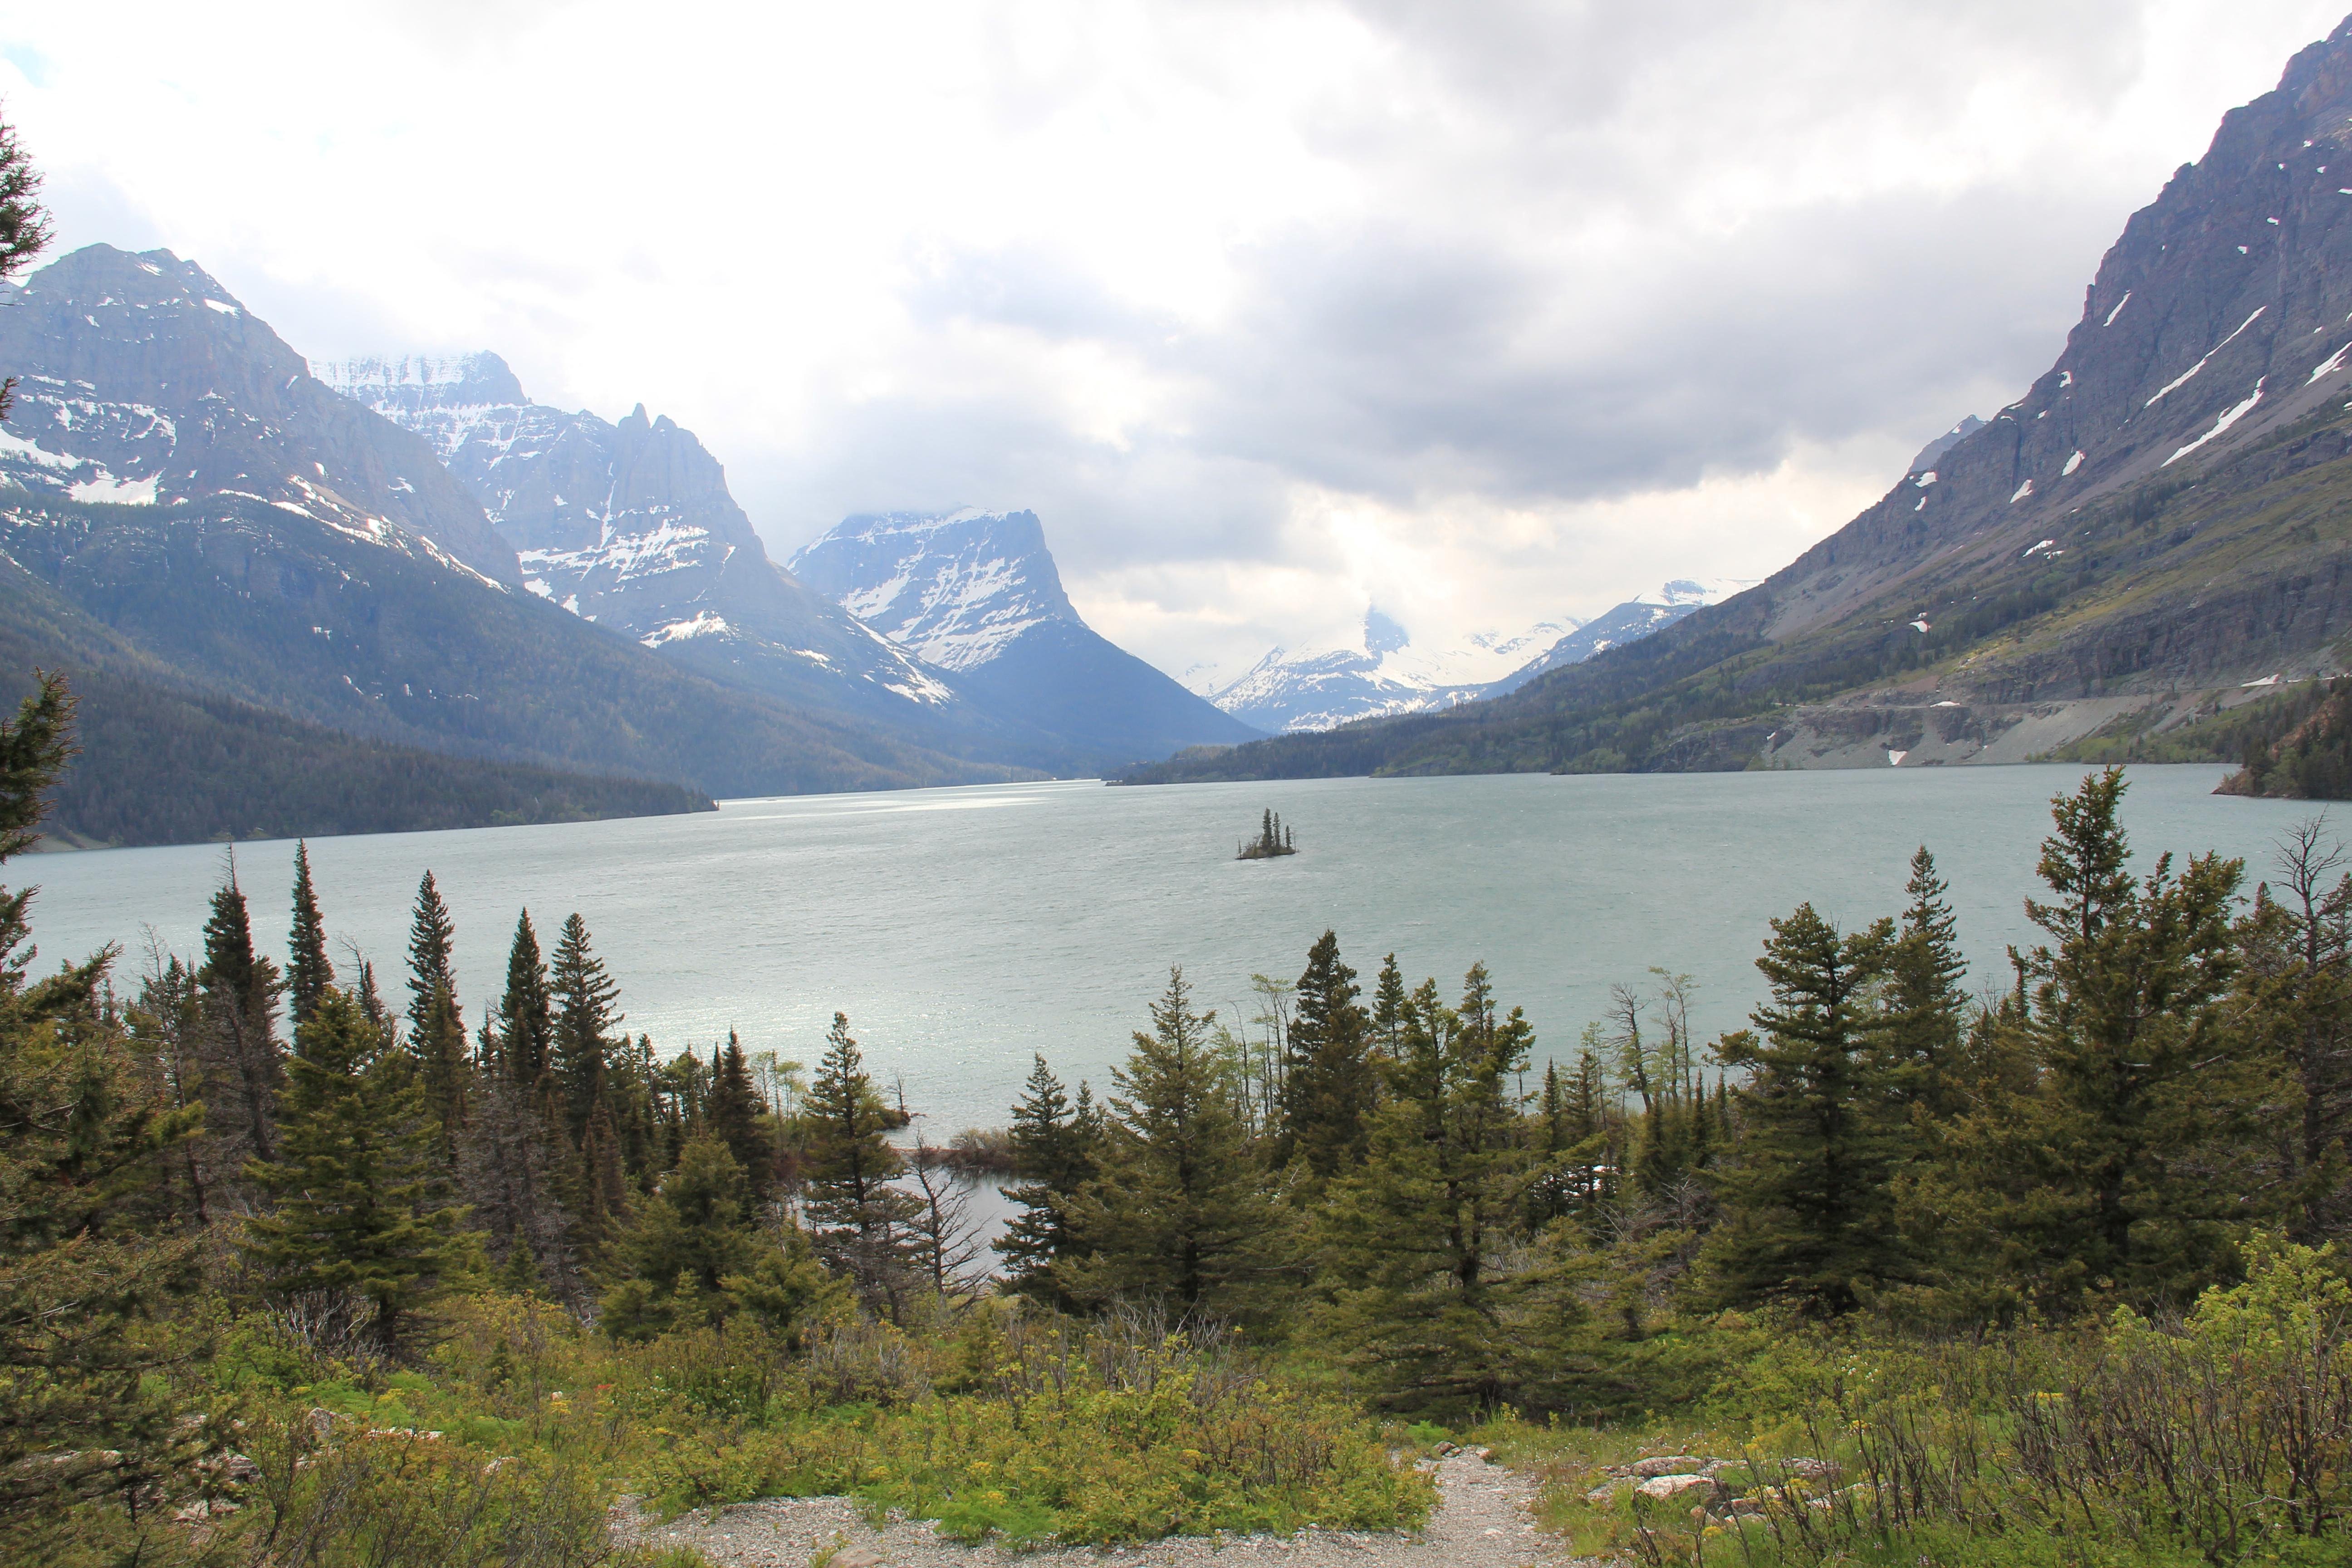 2011-mt-glacier-park-and-communities-056